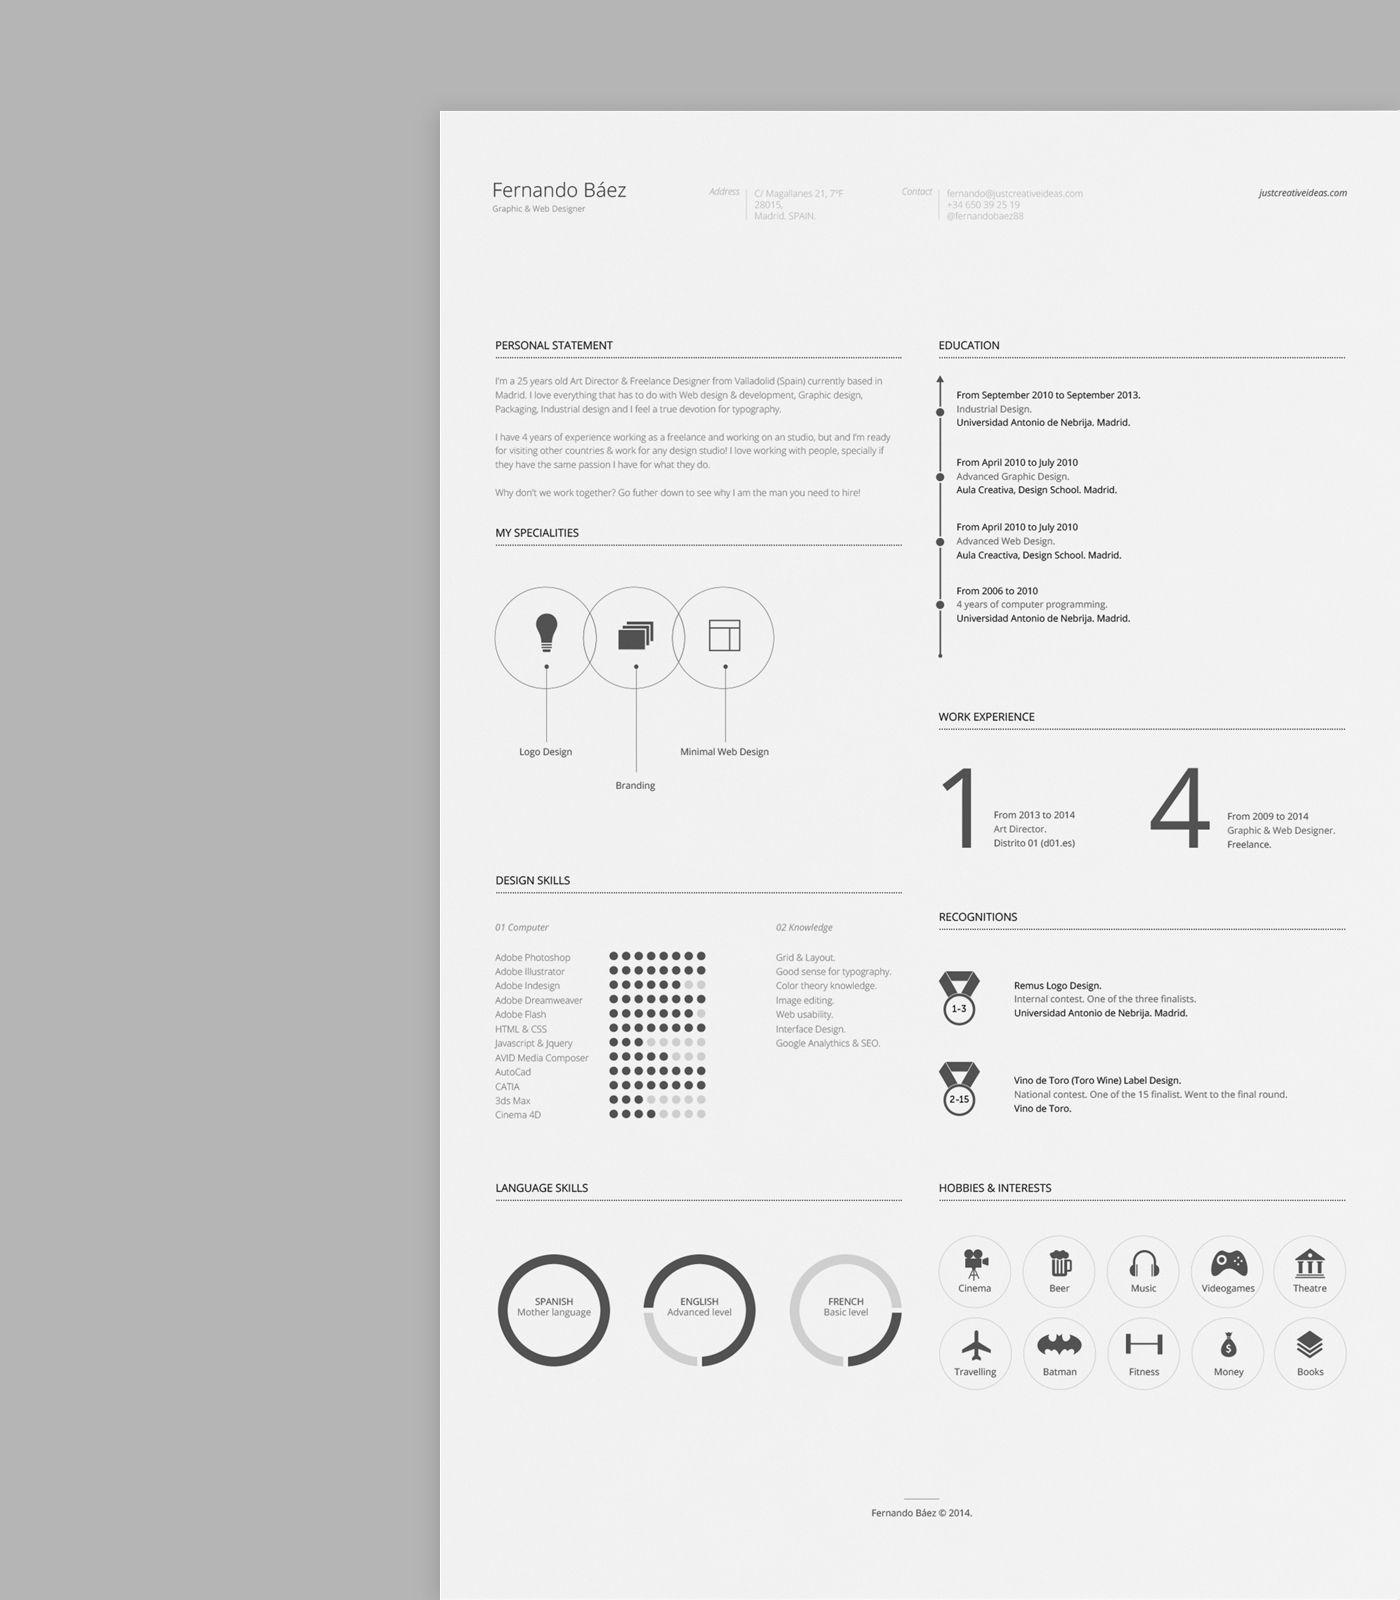 Resume Cv Template   Diseños de CV   Pinterest   Diseño de cv